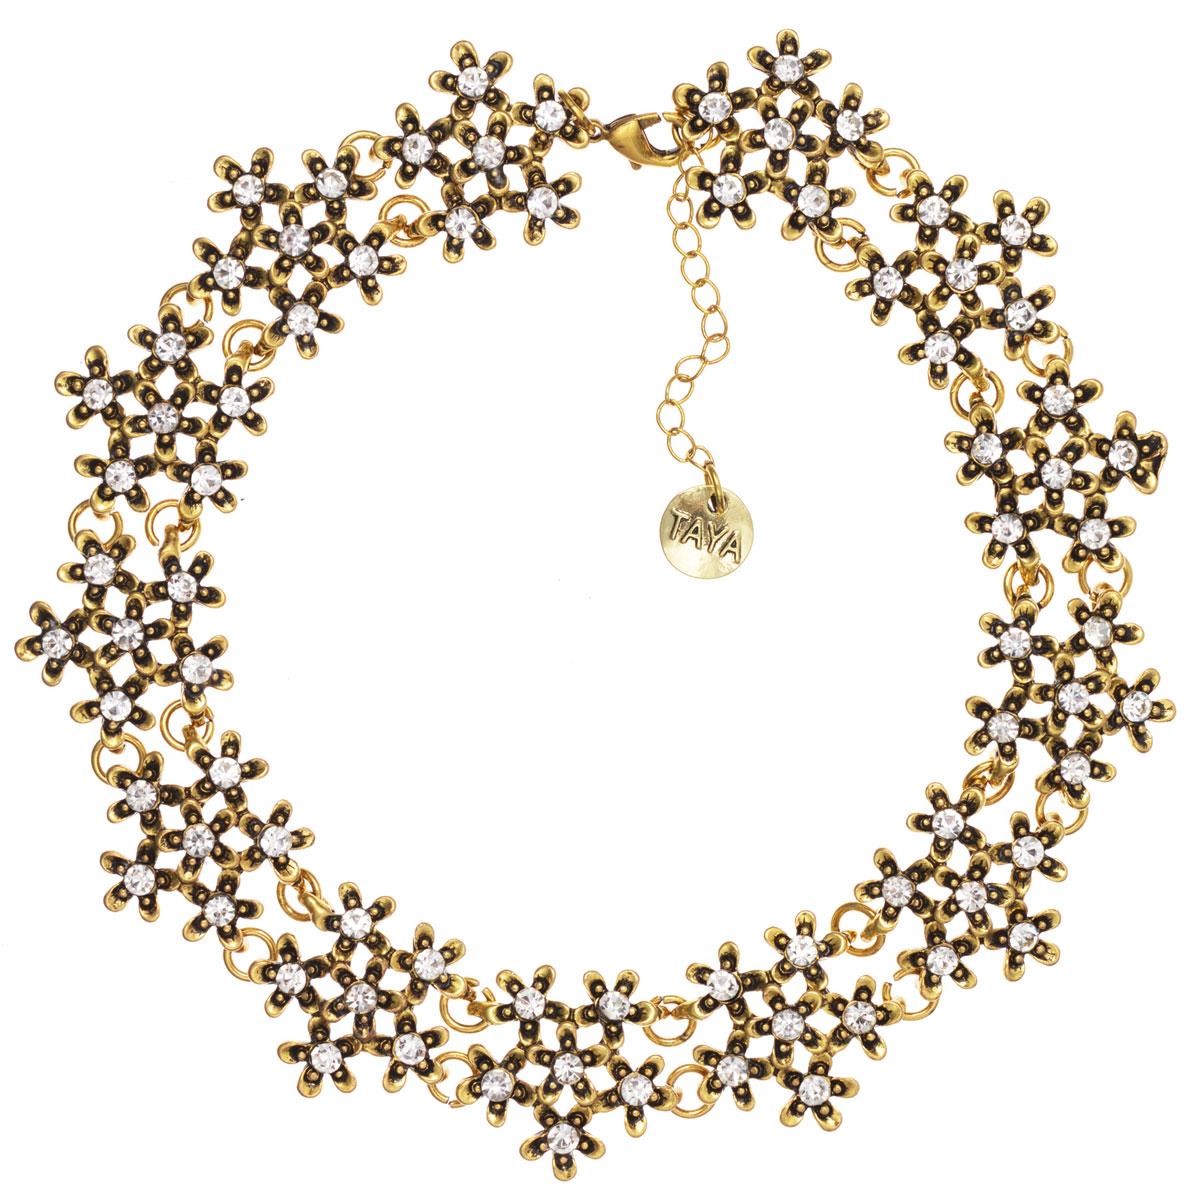 Ожерелье Taya, цвет: бронзовый. T-BT-B-9886-NECK-BRONZEЭлегантное ожерелье Taya, выполнено из бижутерийного сплава. Изделие состоит из элементов в форме цветков, скрепленных между собой и дополненных вставками из стеклянных стразов. Ожерелье застегивается на практичный замок-карабин, длина регулируется за счет дополнительных звеньев. Стильное ожерелье придаст вашему образу изюминку, подчеркнет индивидуальность.